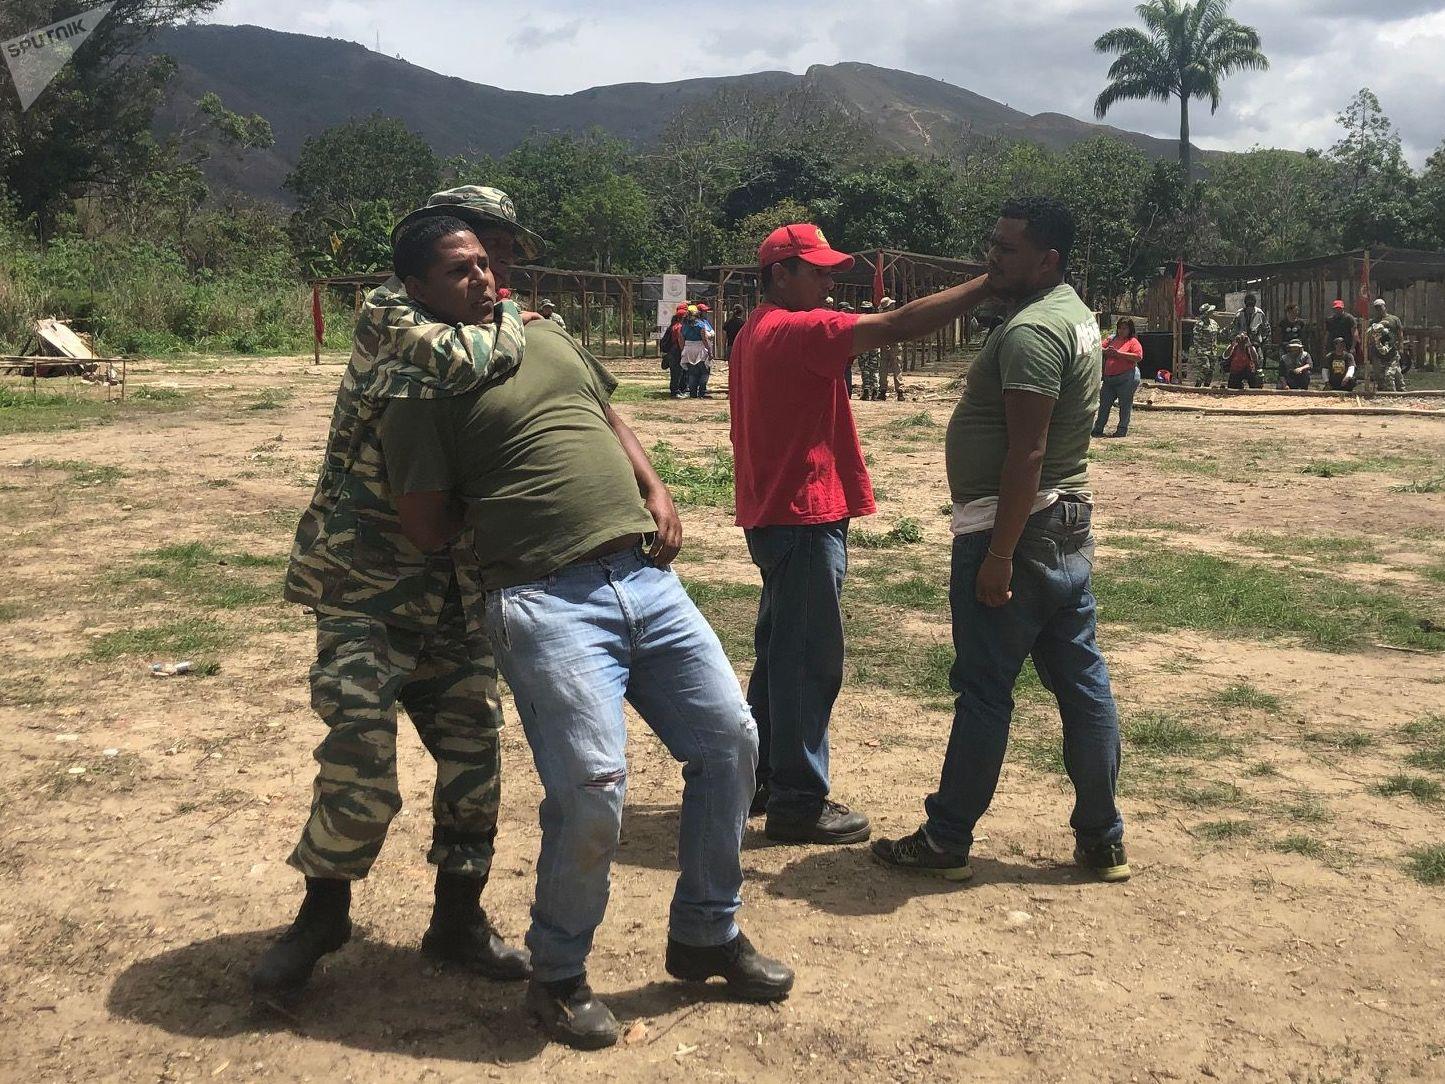 Técnicas de combate, cómo moverse, cómo saber dónde está parado uno en guerra: estas cosas se aprenden en los entrenamientos del Método Táctico de Resistencia Revolucionaria